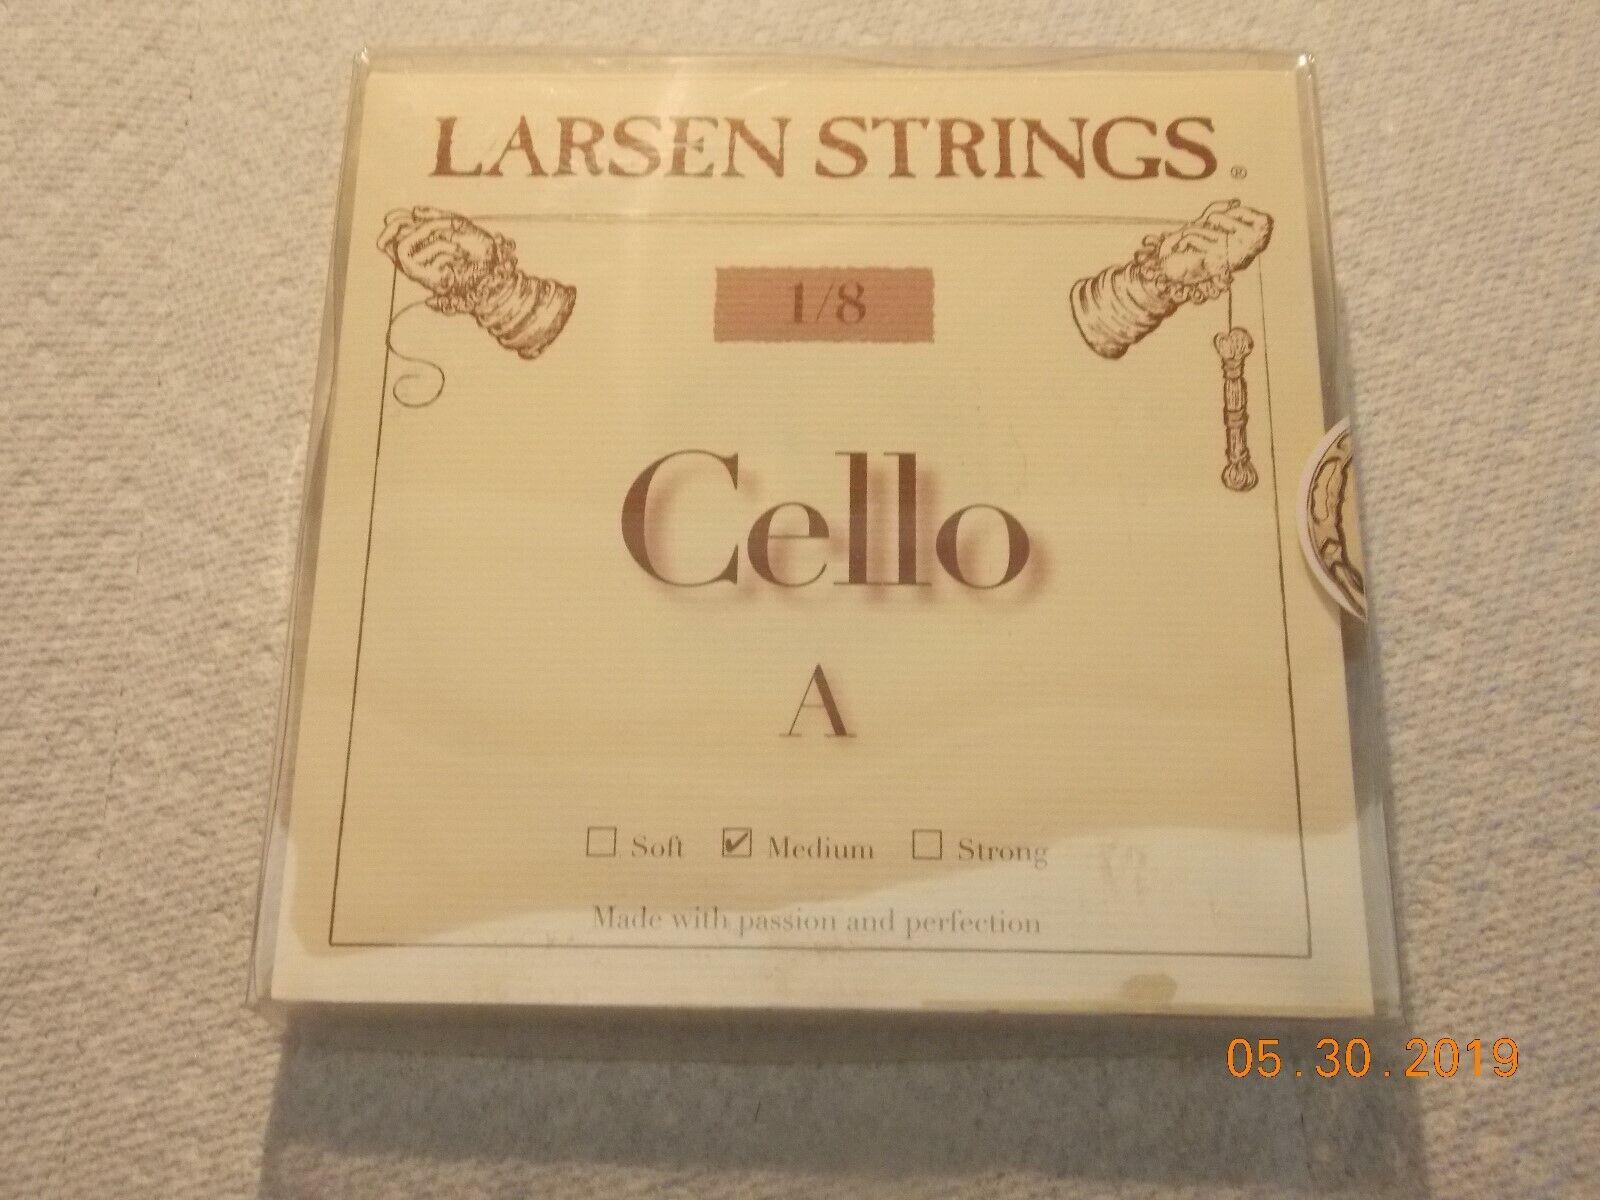 Larsen original 1   8 violonchelo orquesta, número central, entrega gratuita en Dinamarca ¡Larsen original 1   8 violonchelo orquesta, número central, entrega gratuita en Dinamarca